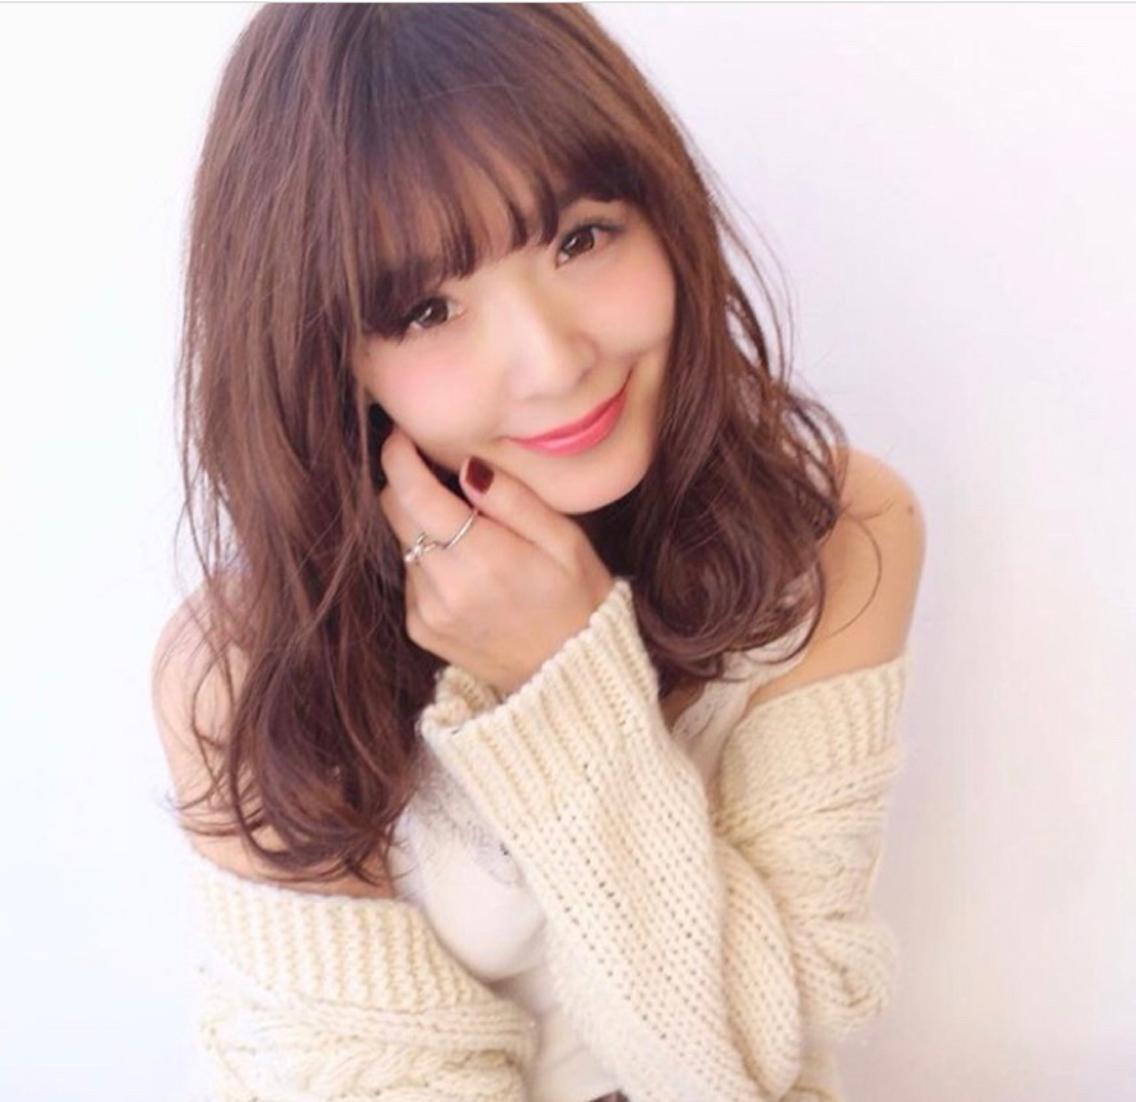 ⭐️可愛くなりたい子必見⭐️名古屋一流サロンで経験を積み、確かな技術を福井にお届けします‼️⭐︎予約は毎日受付中‼️ご相談下さい^ ^ 【フリーランスの為、予約が入れば出勤します】